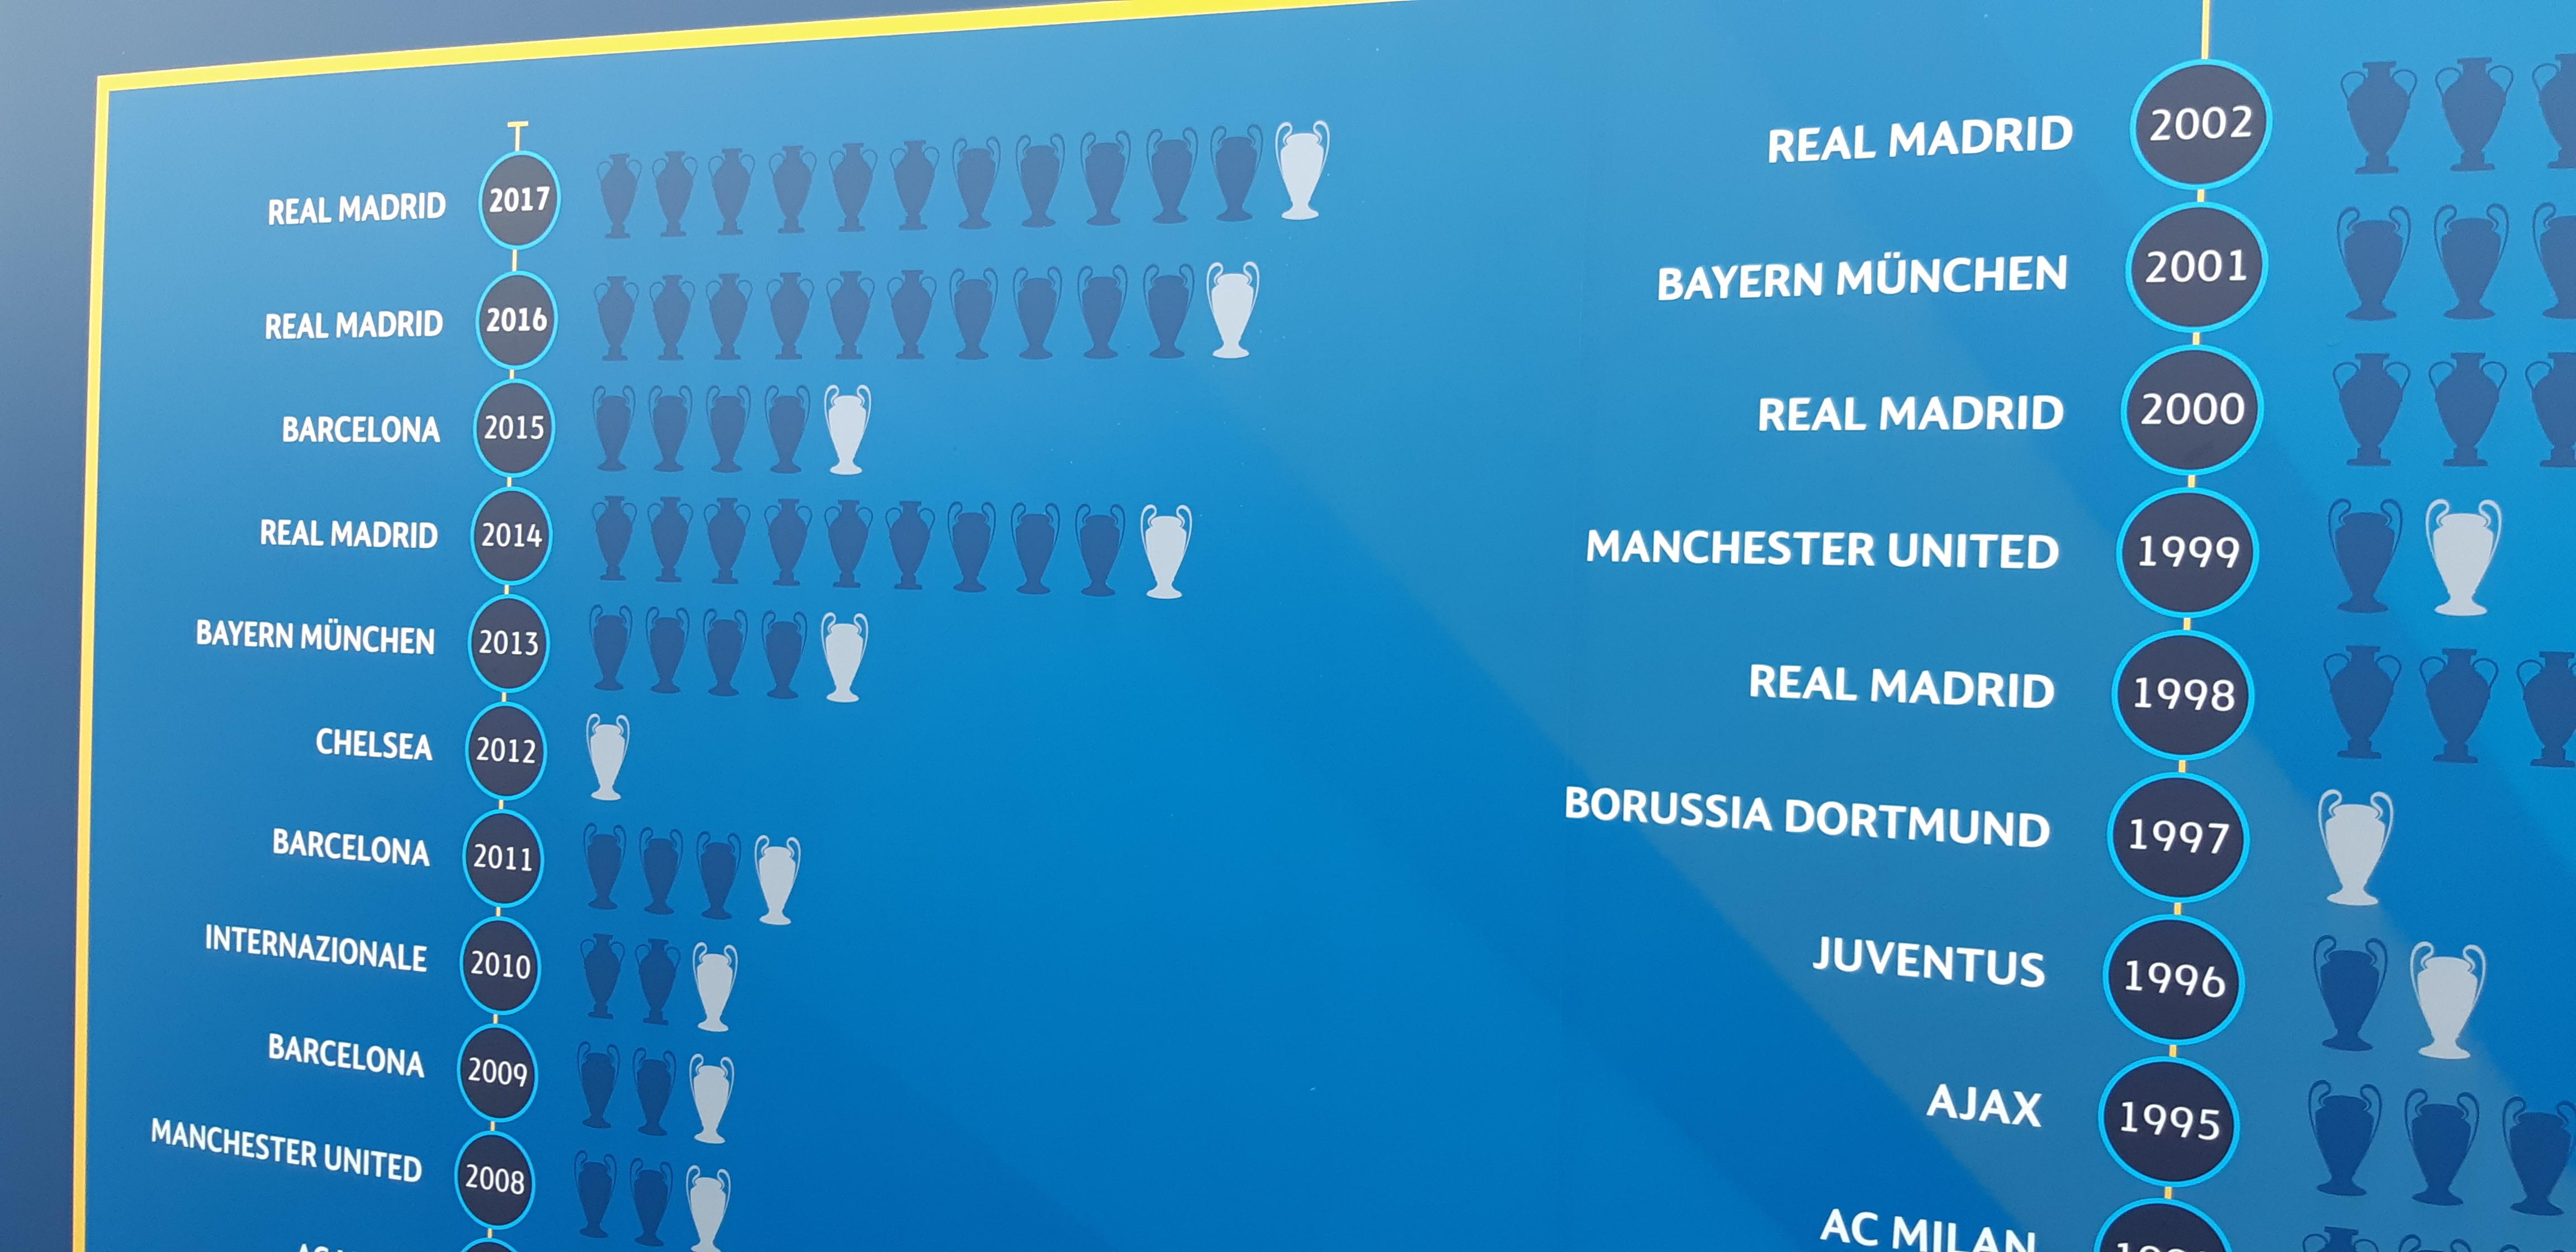 Лига чемпионов в Киеве, второй день: матч легенд, извинения Роналду и шутка от Клоппа (+Фото, Видео) - изображение 10